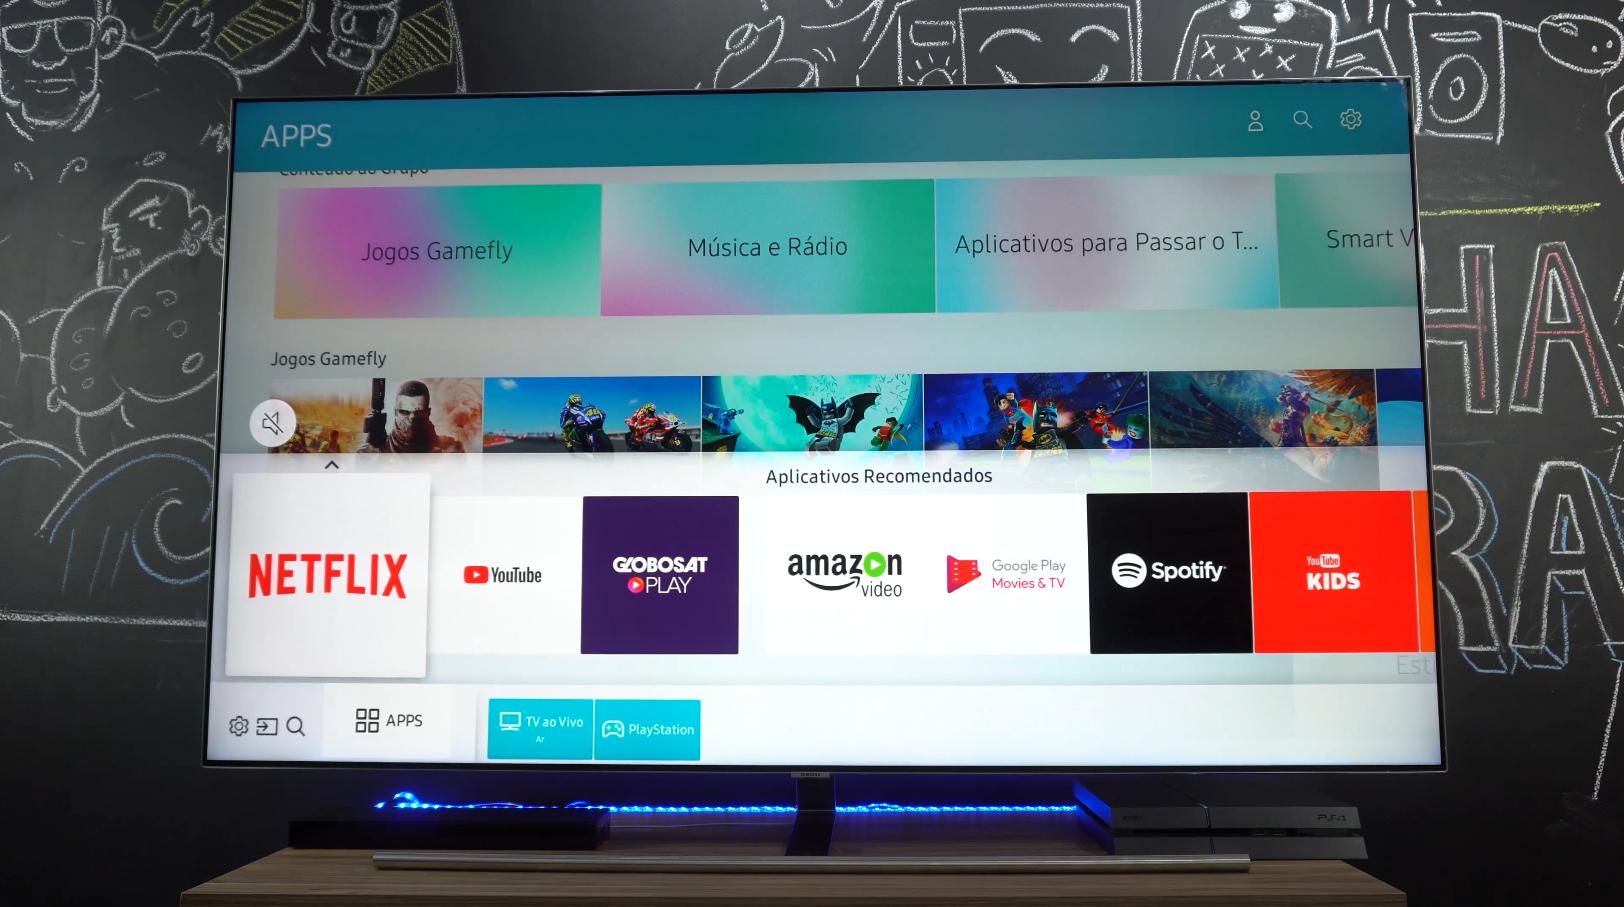 TV Samsung QLED Q7F: vale a pena pagar caro? - EscolhaSegura